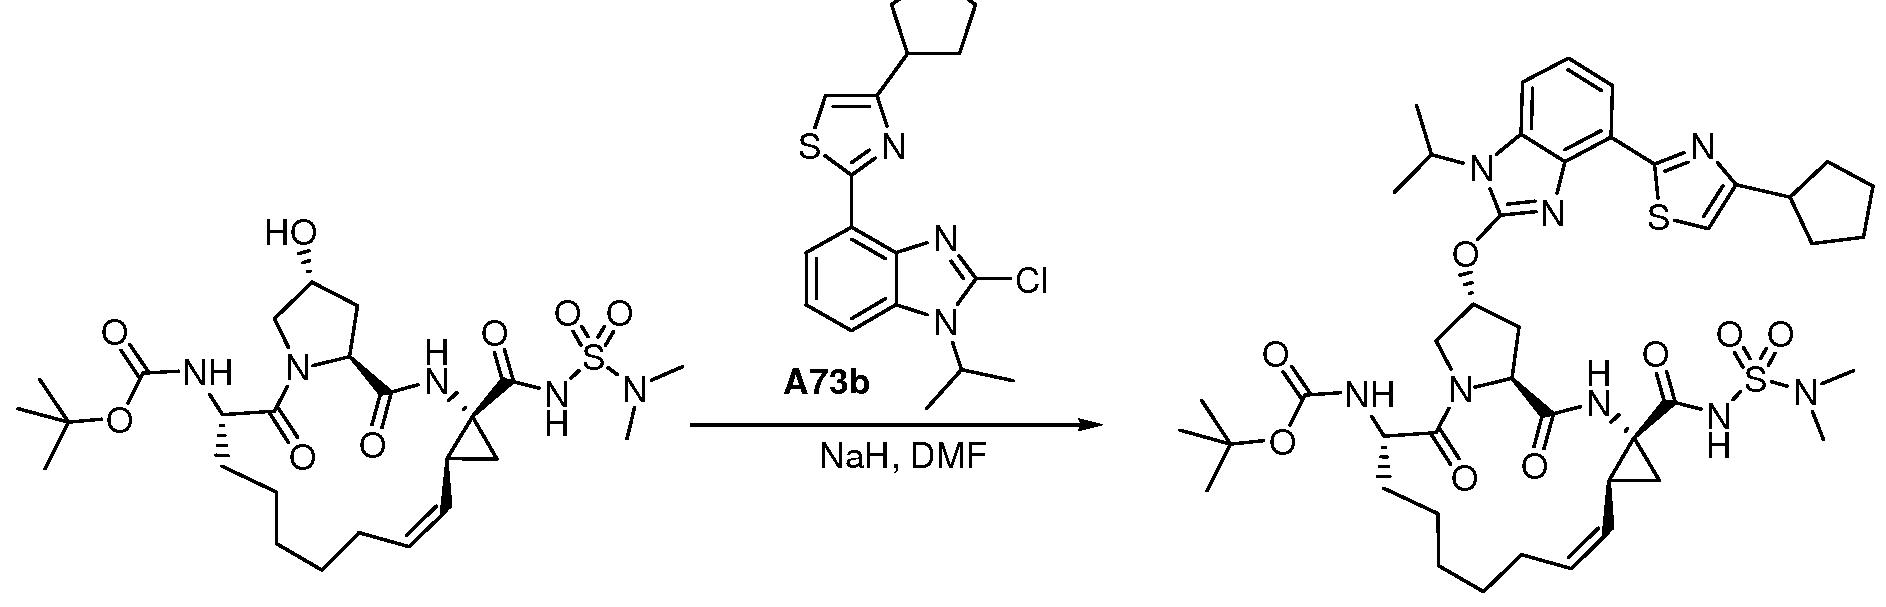 Figure imgf000228_0003